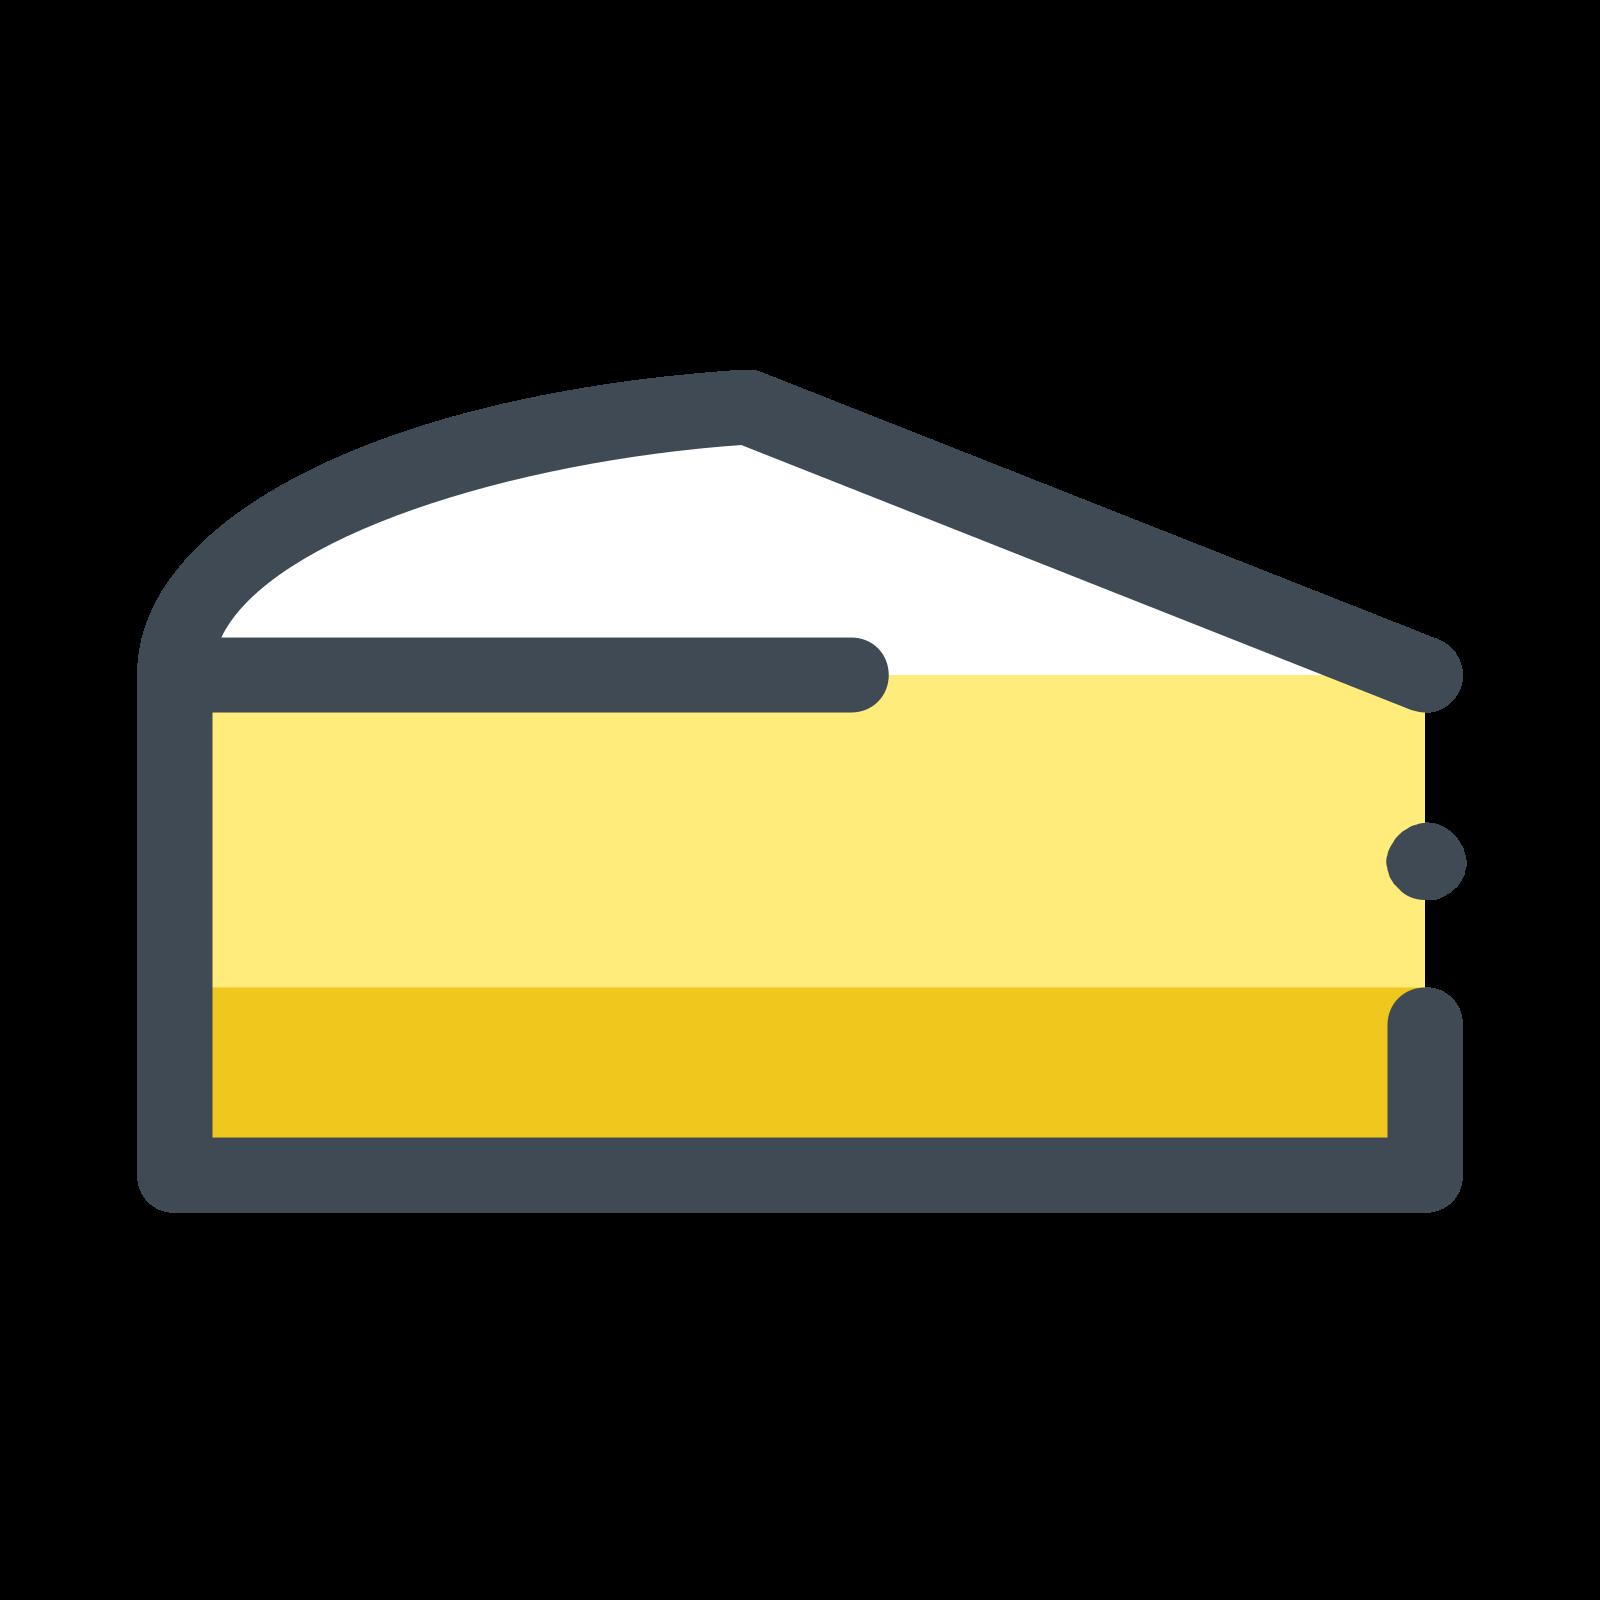 Кусок торта лимона icon